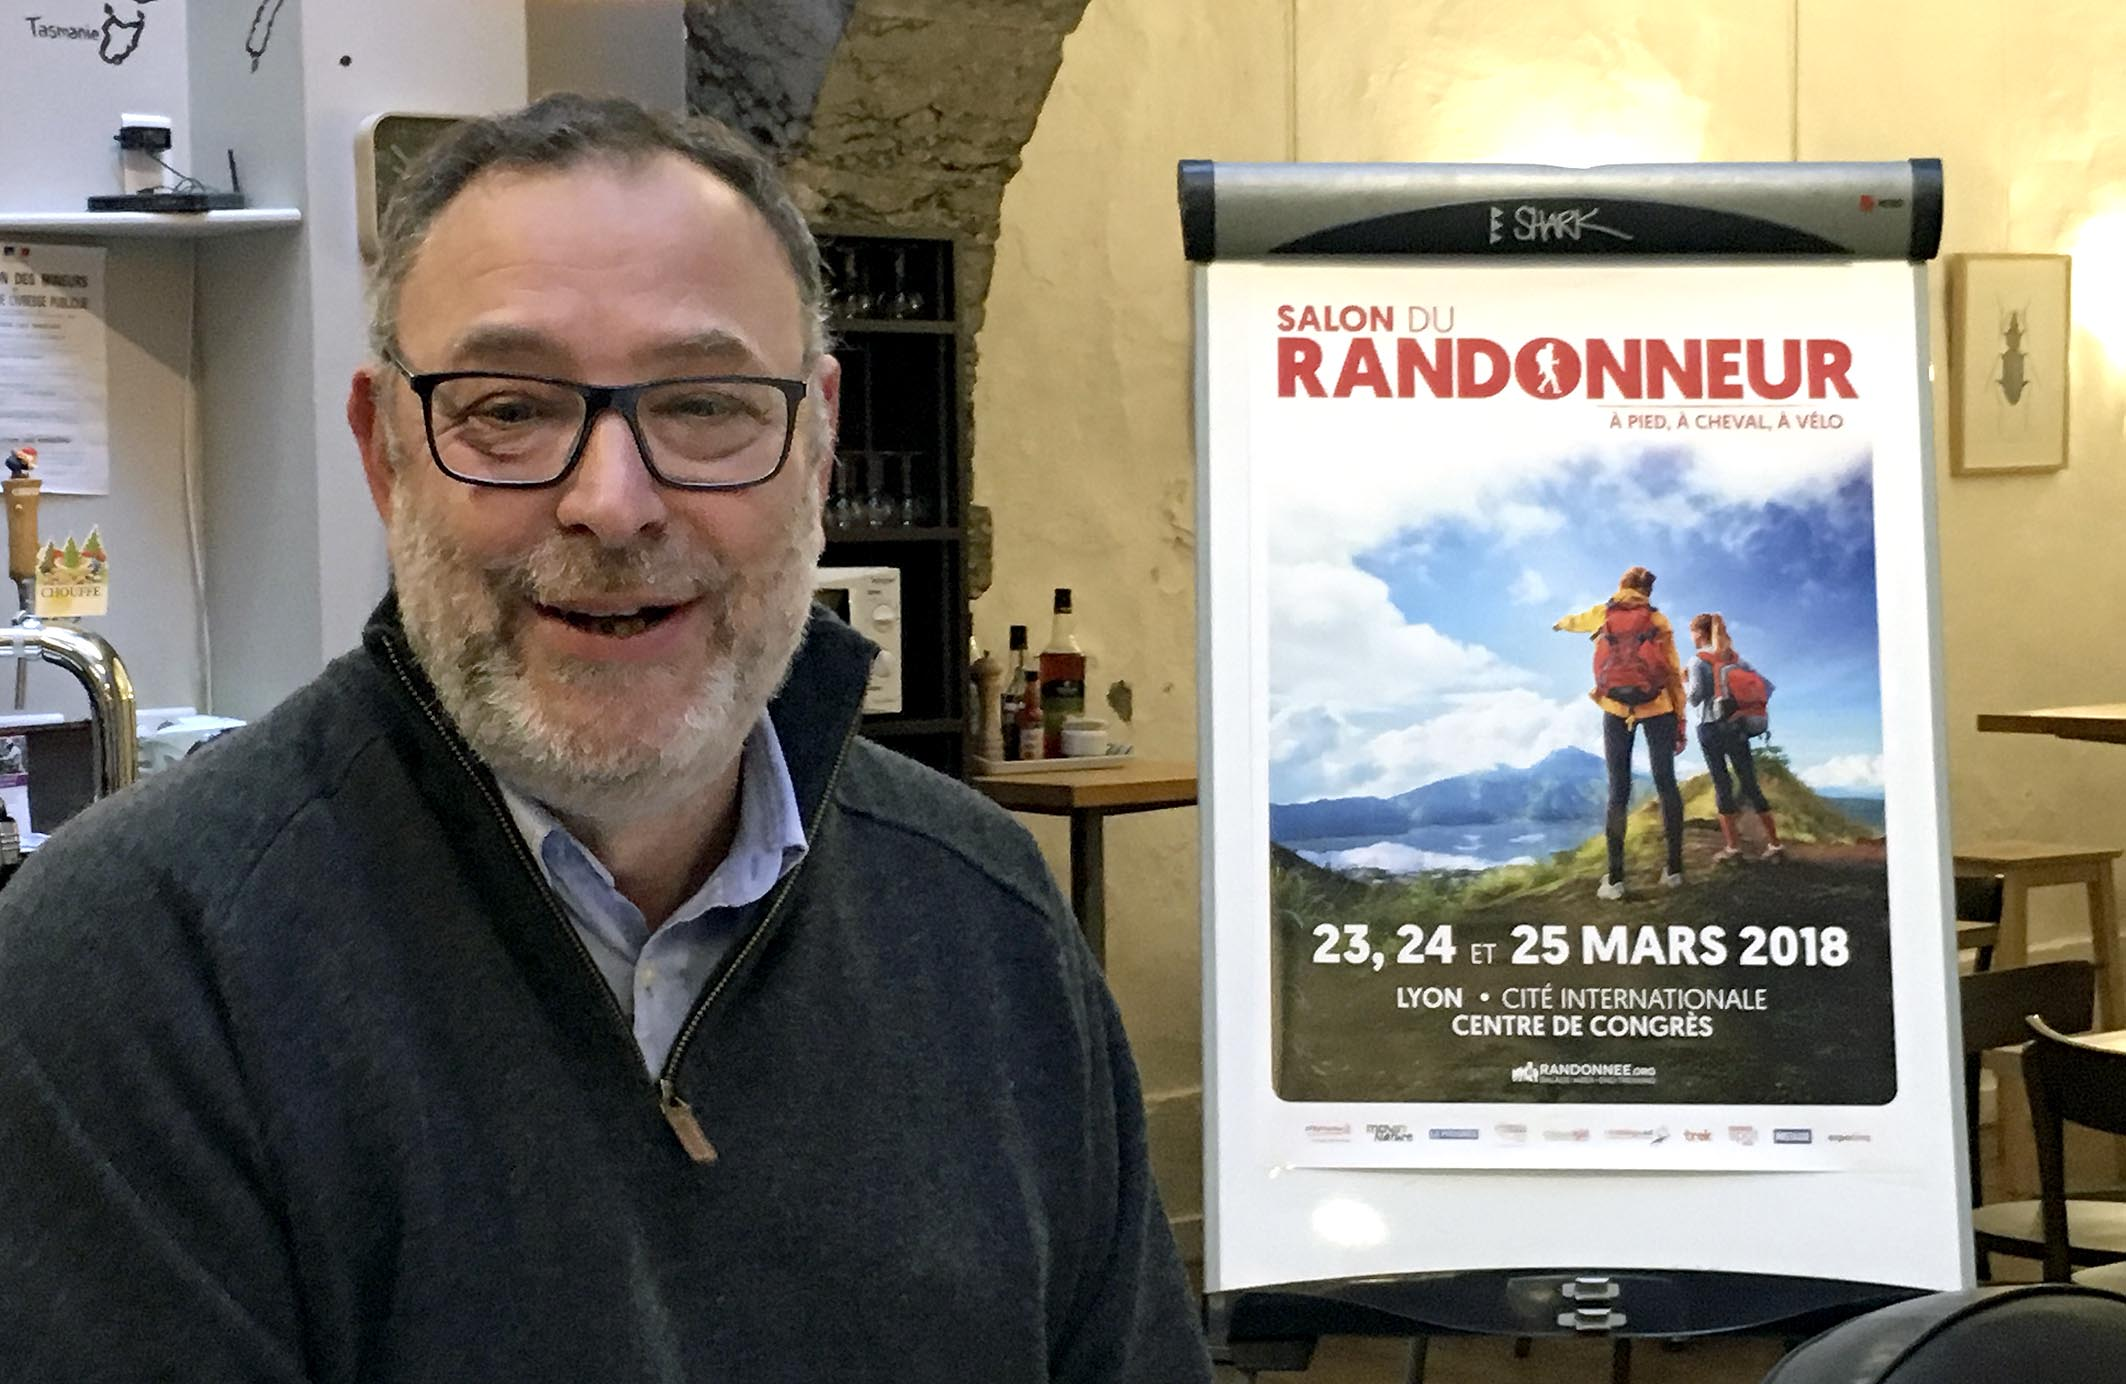 Salon du randonneur la fili re tient salon et a marche for Salon du randonneur lyon